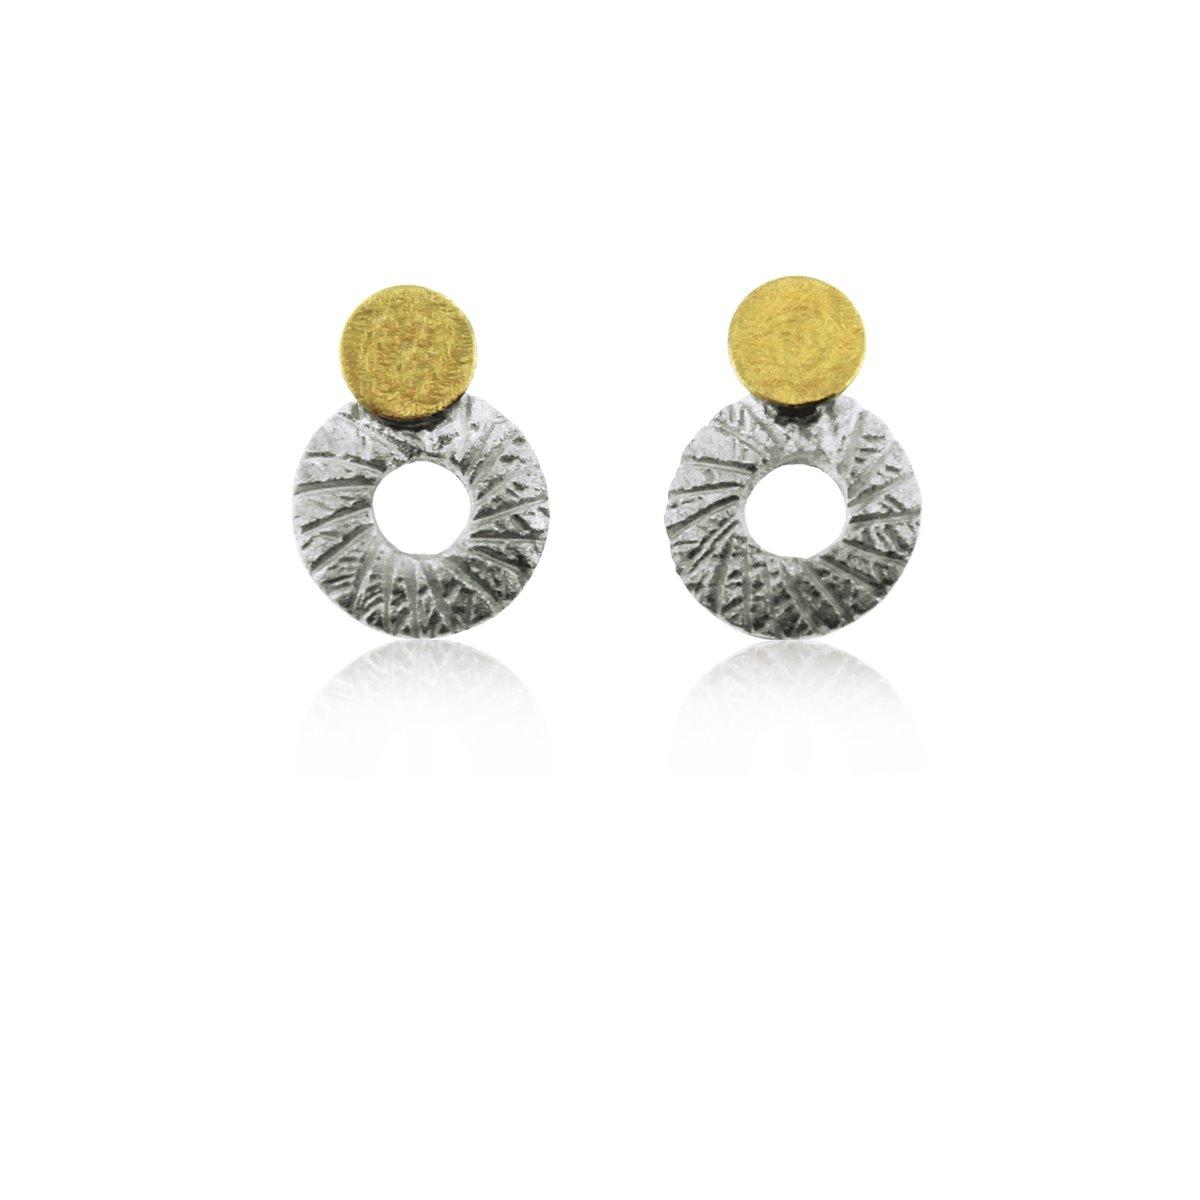 SILVER & GOLD EARRINGS . E1758